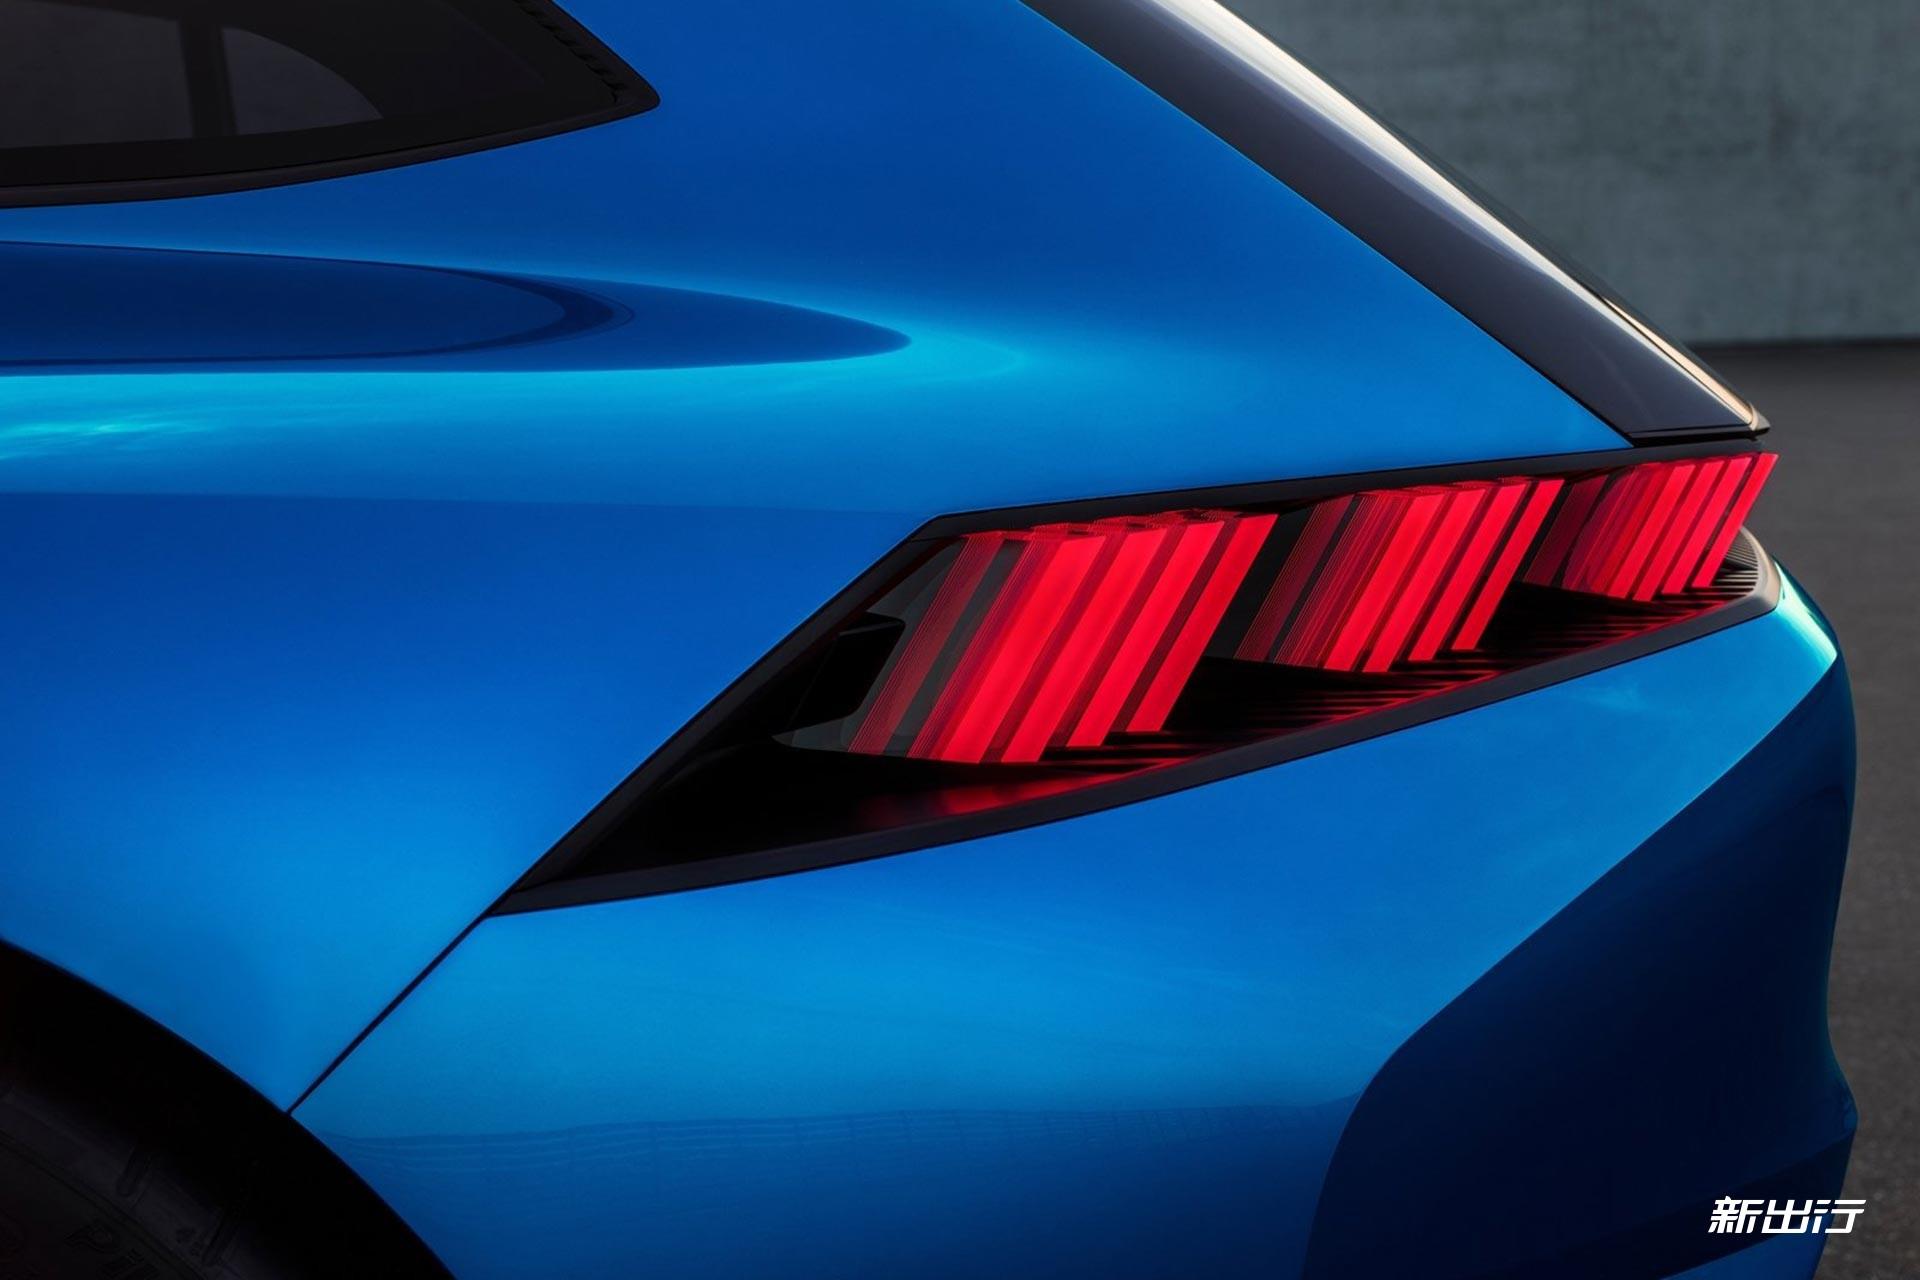 Peugeot-Instinct_Concept-2017-1600-36.jpg